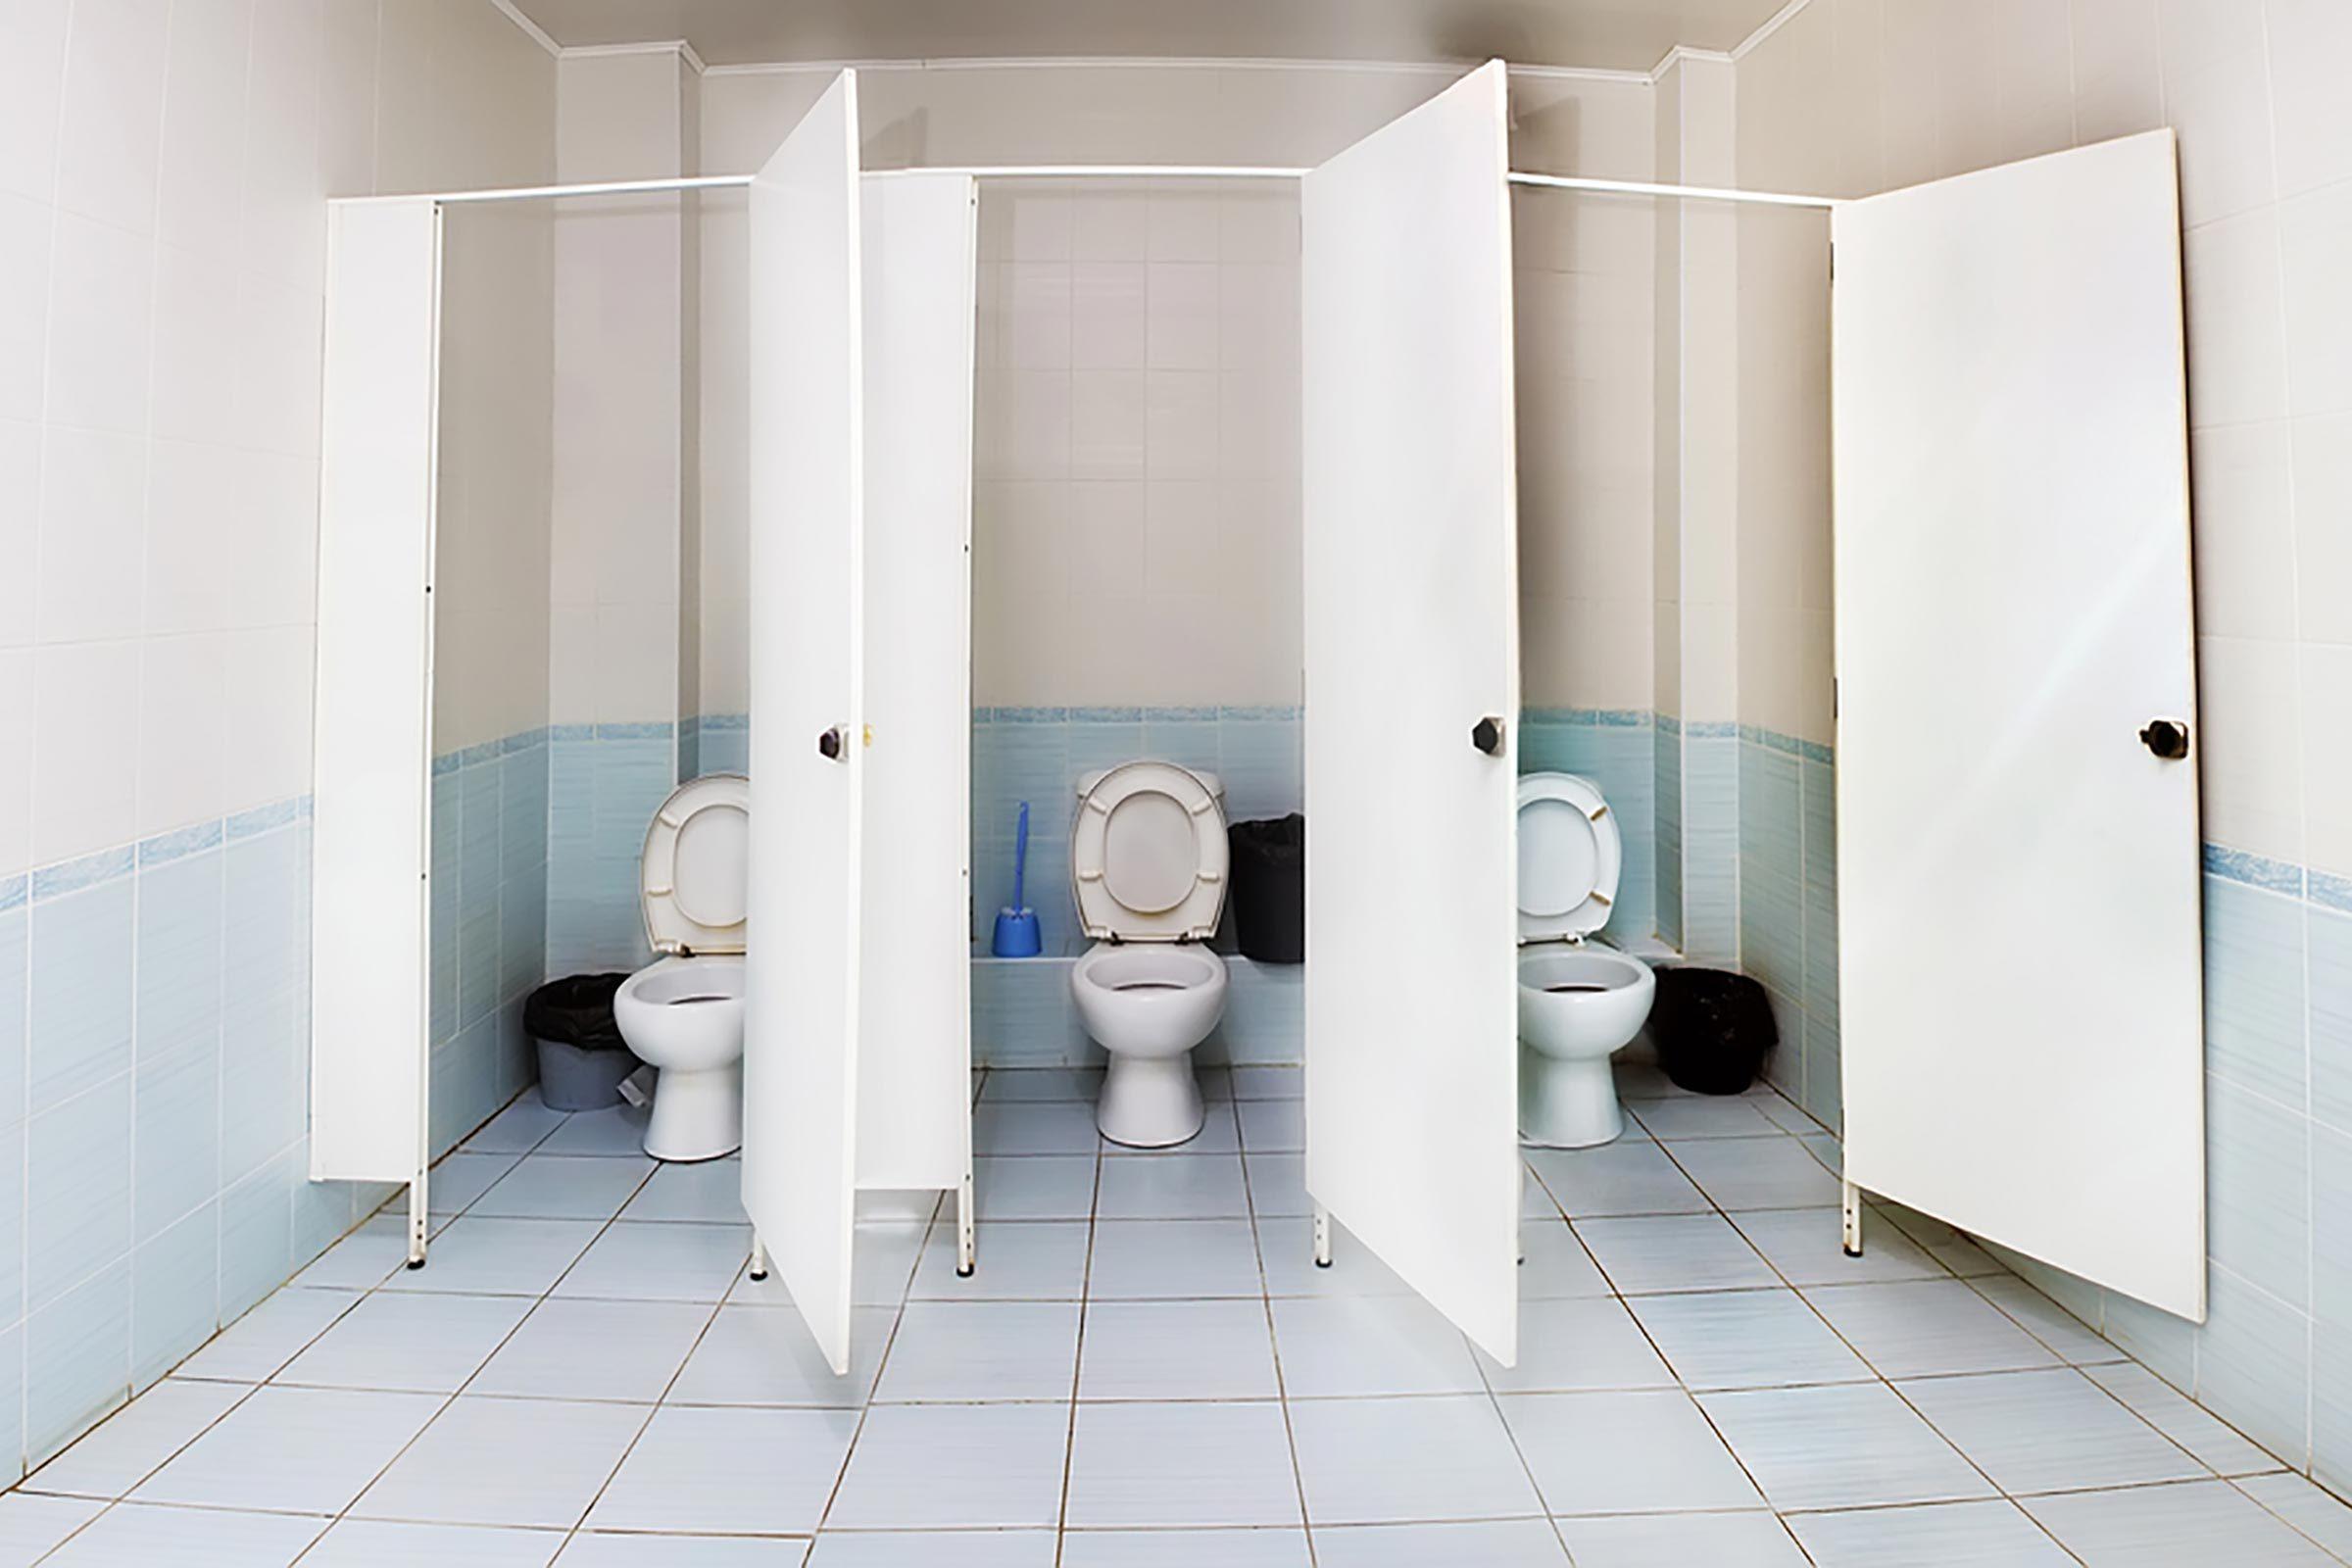 three empty stalls in a bathroom